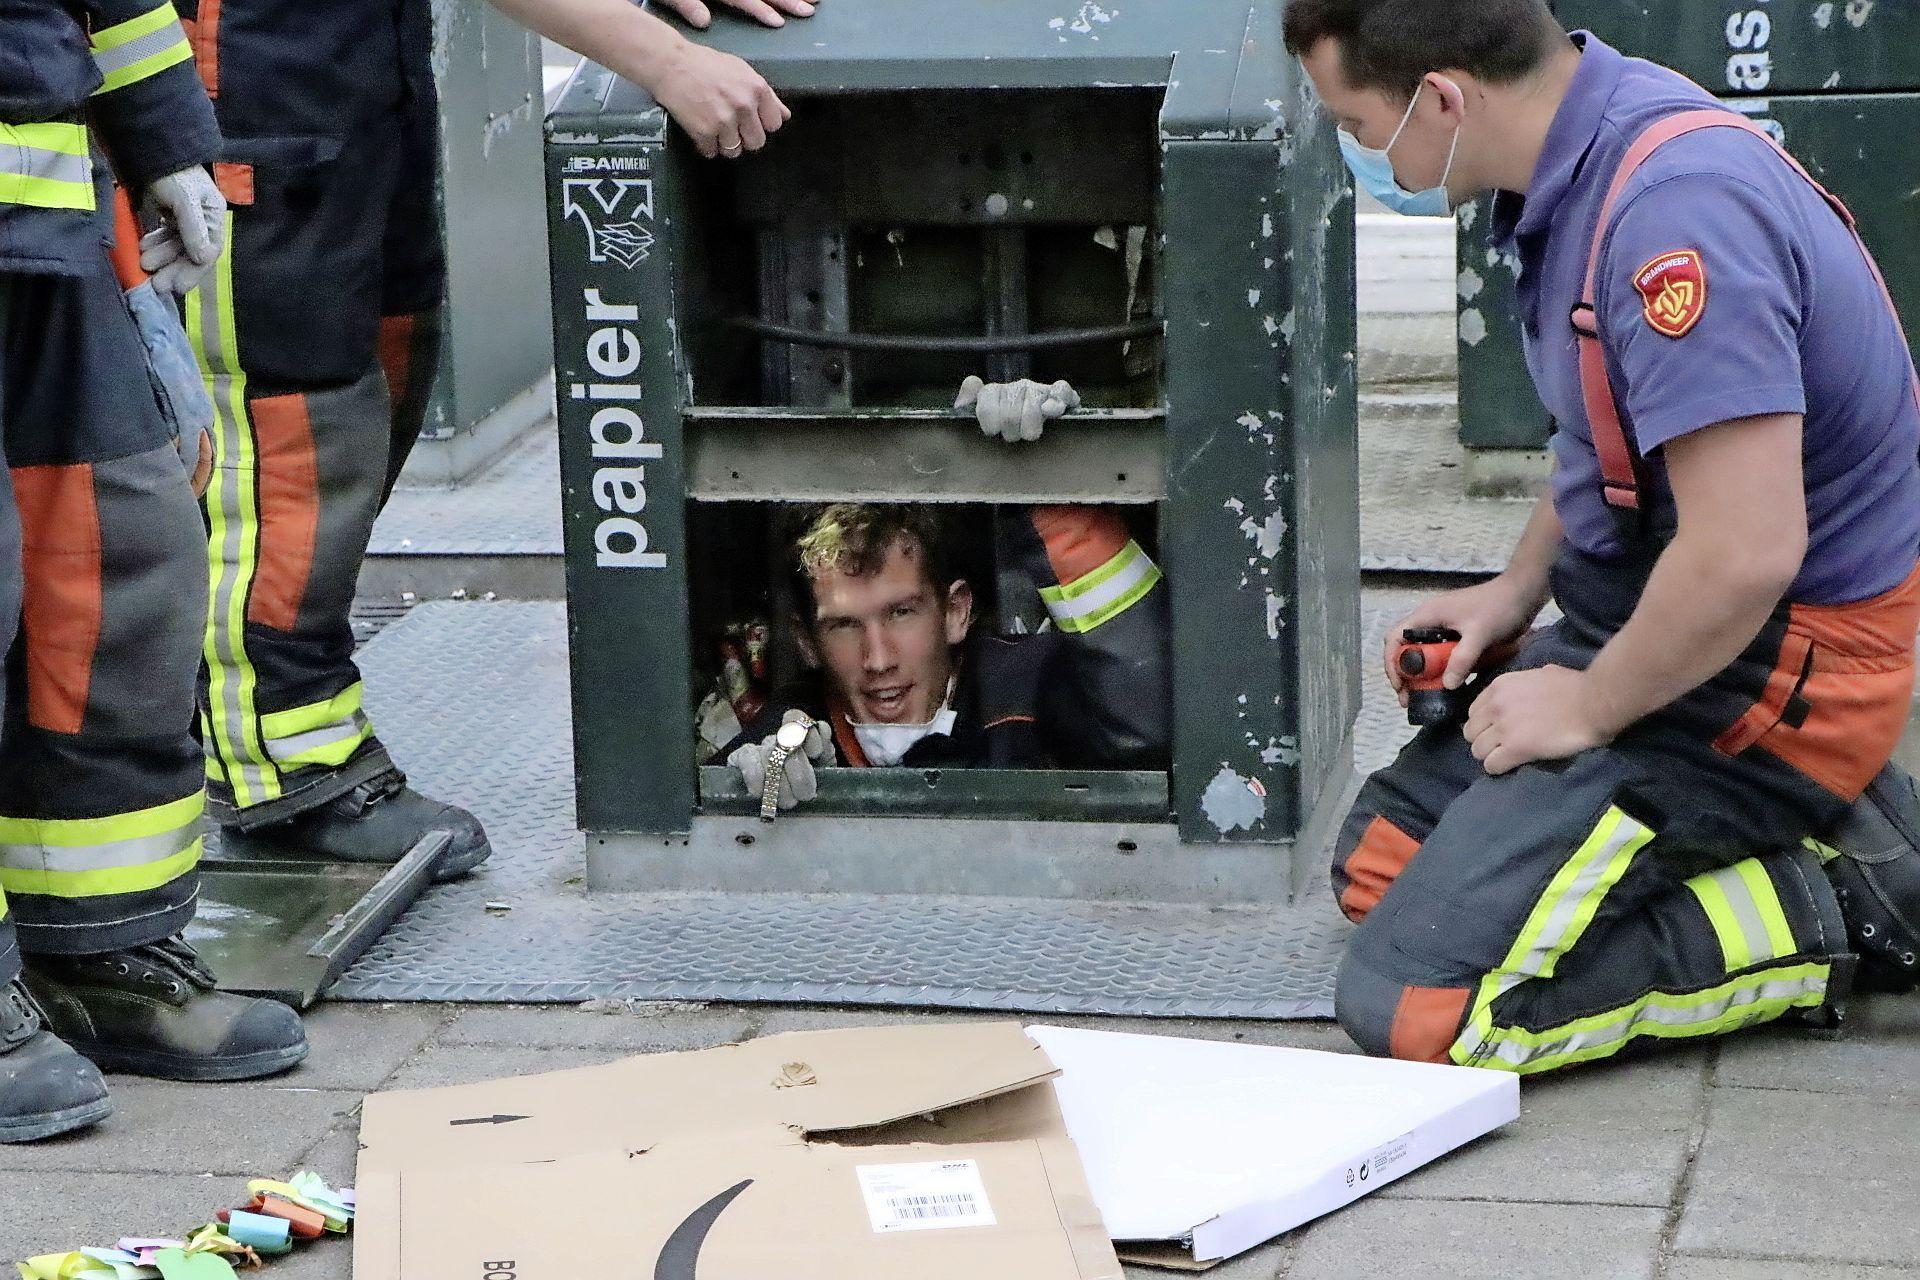 Brandweerman kruipt in ondergrondse container voor gevallen horloge: 'De jonkies moeten er maar in kruipen'